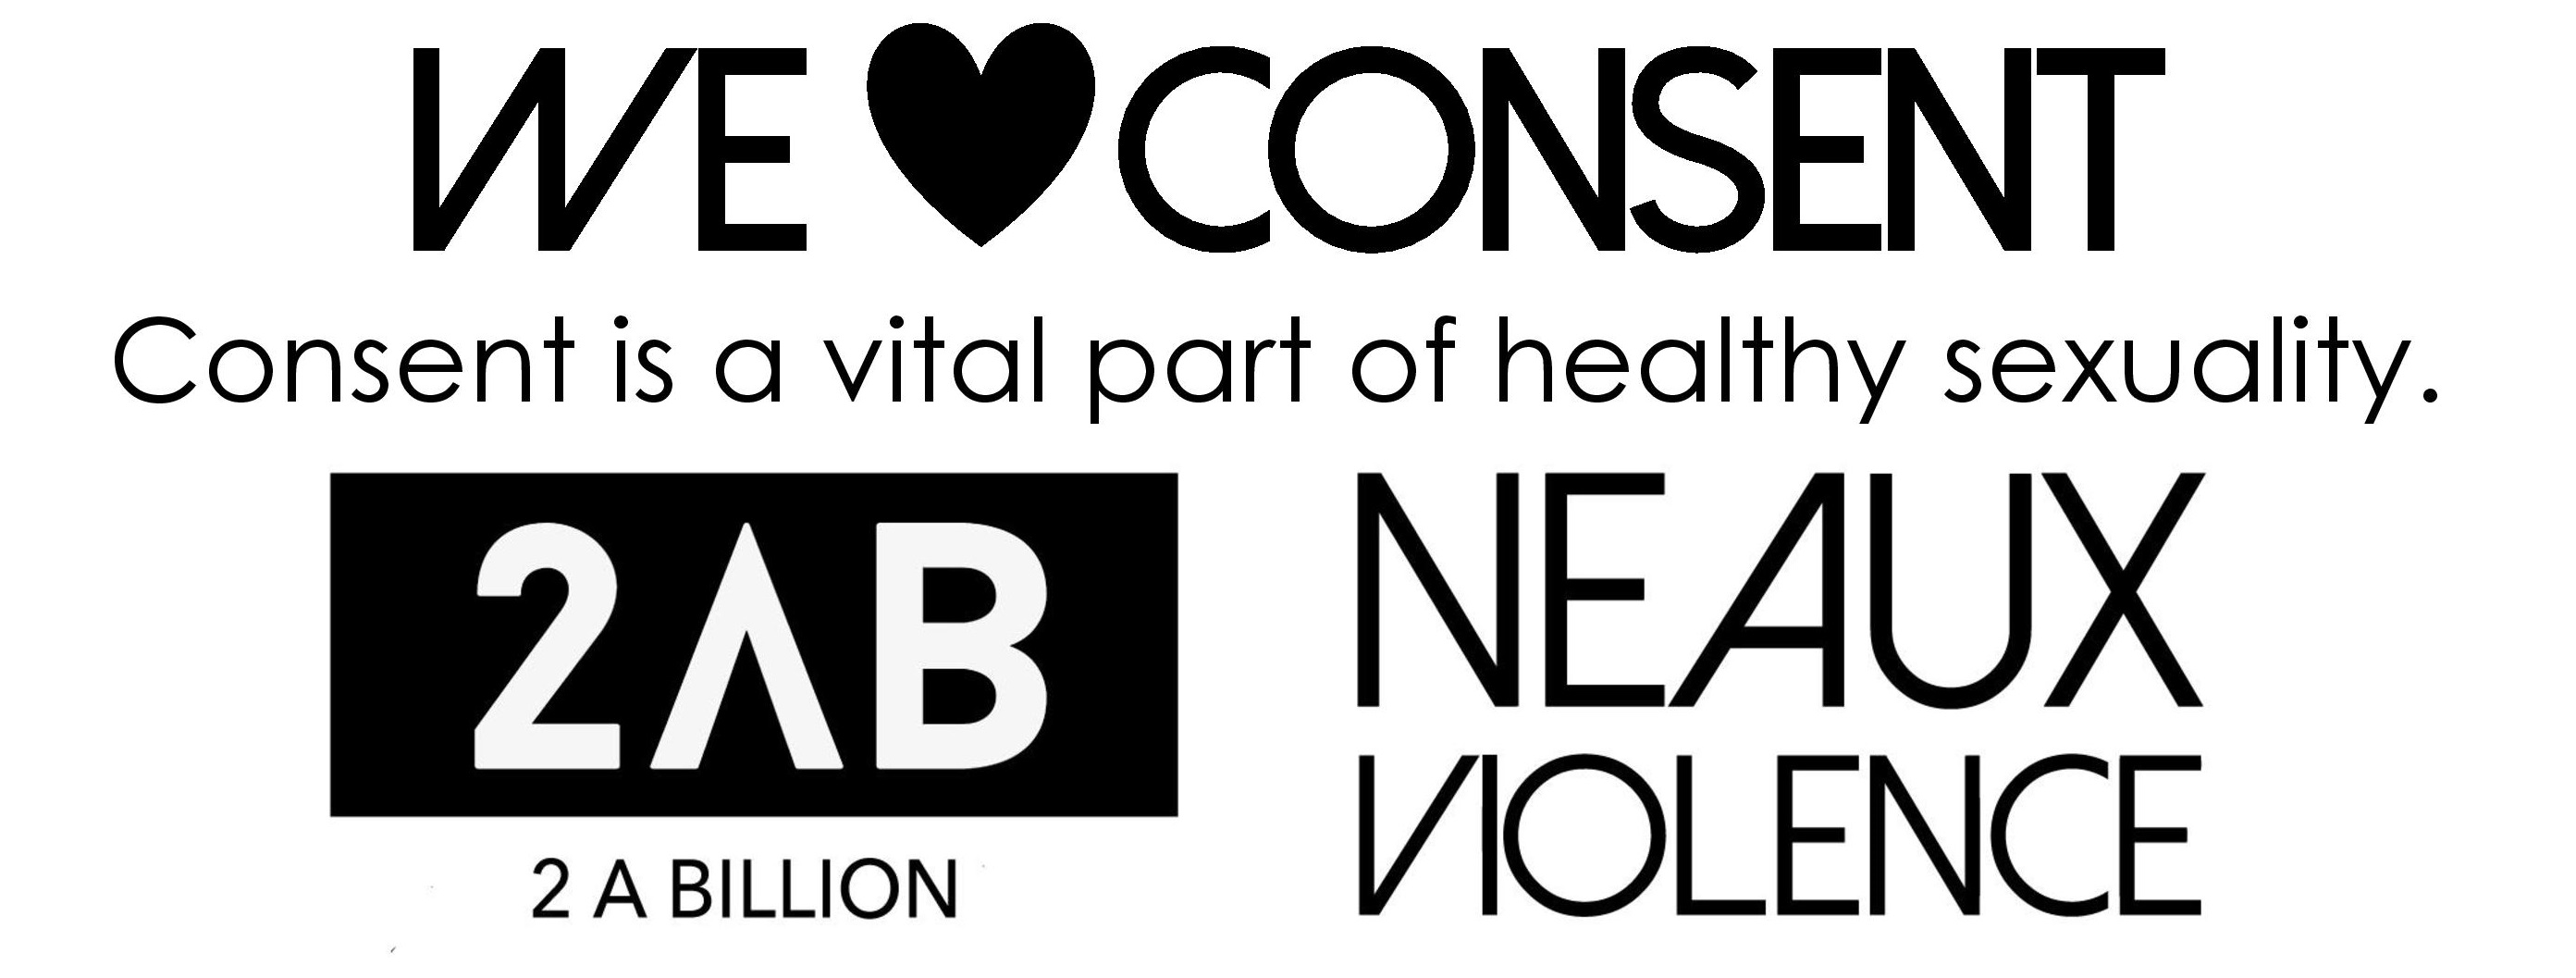 condom labels